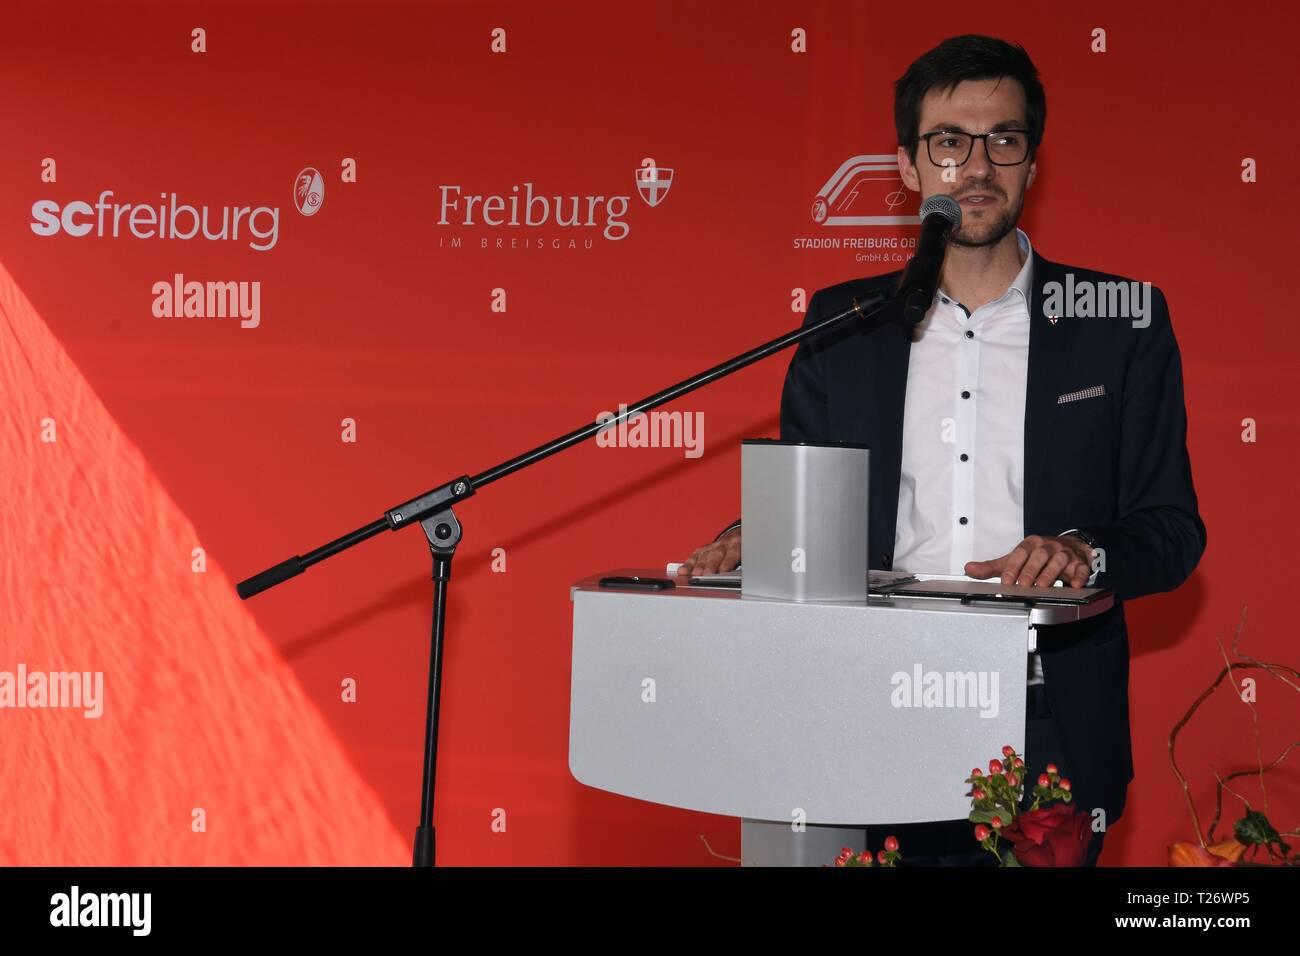 Freiburg, Germany, 29th March, 2019, Grundsteinlegung SC-Stadion  Sportclub Freiburg mit Martin Horn, Credit: mediensegel/Alamy live News - Stock Image